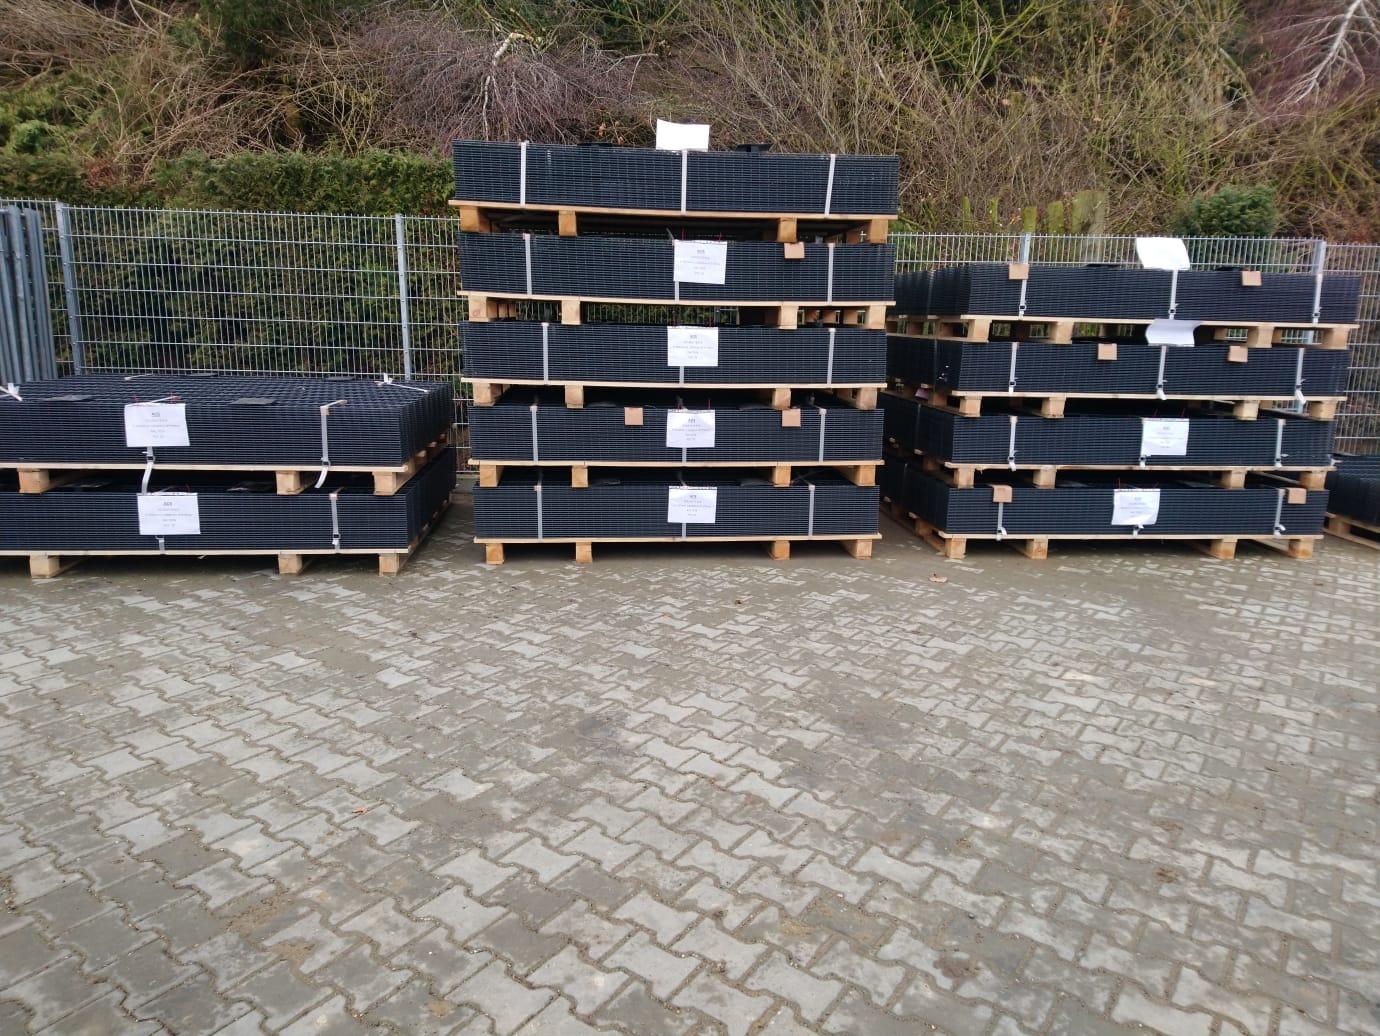 Schacht garden A1 ZaunPartner Logistikzentrum Lager